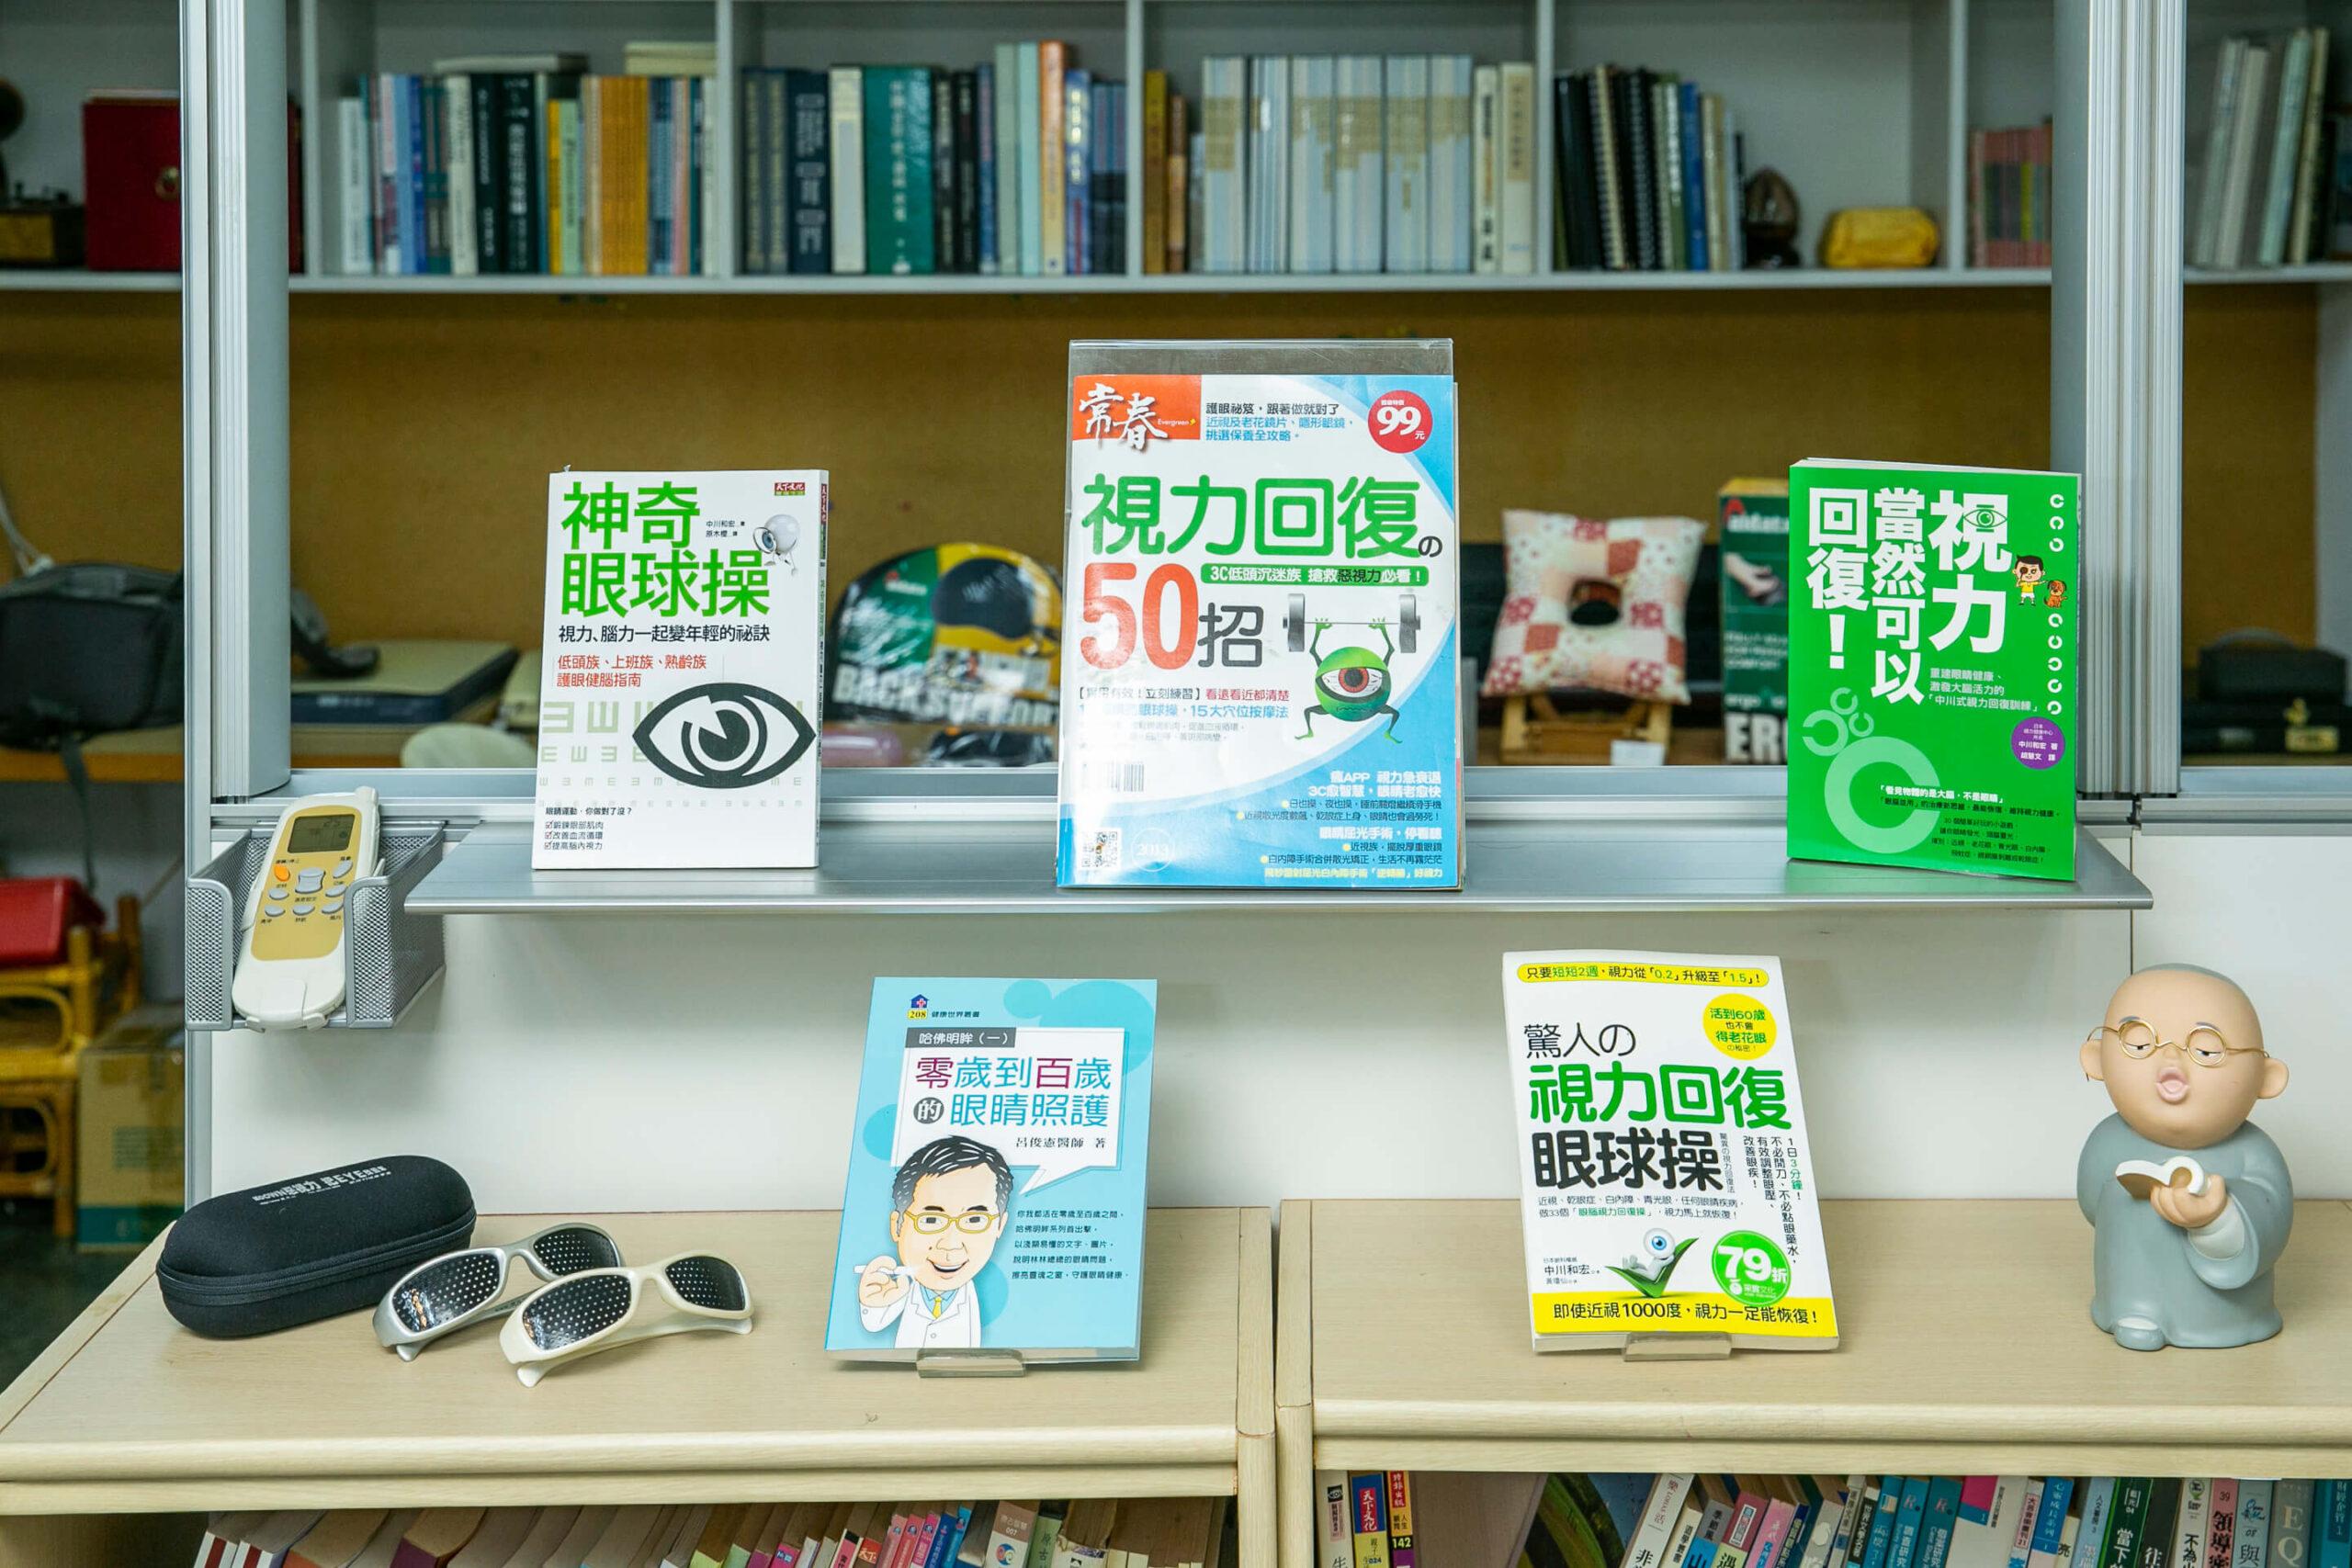 視力訓練課程和戴眼鏡、做雷射、帶OK鏡片、點散瞳劑有什麼不同?